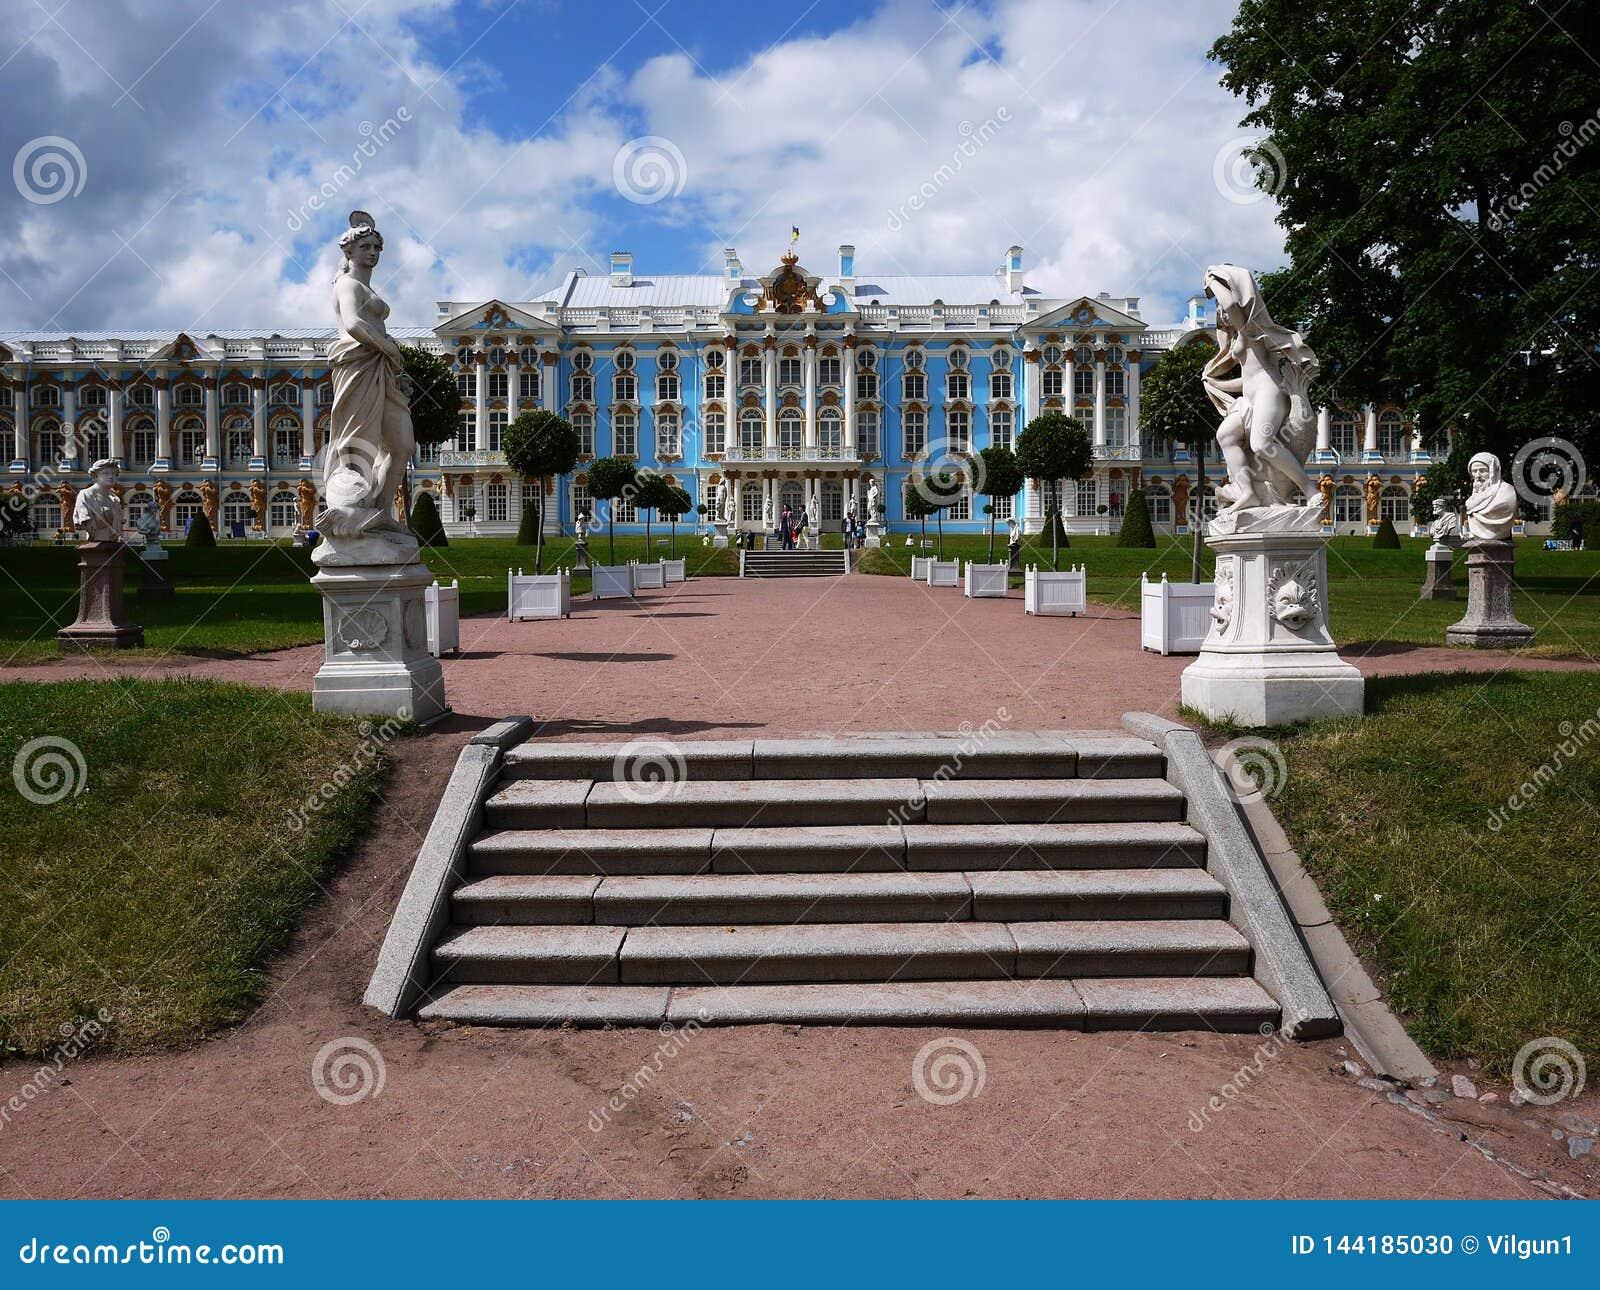 Catherine Park, Tsarskoye Selo Catherine Palace in Rusland, St. Petersburg, door toeristen die over de hele wereld wordt bezocht